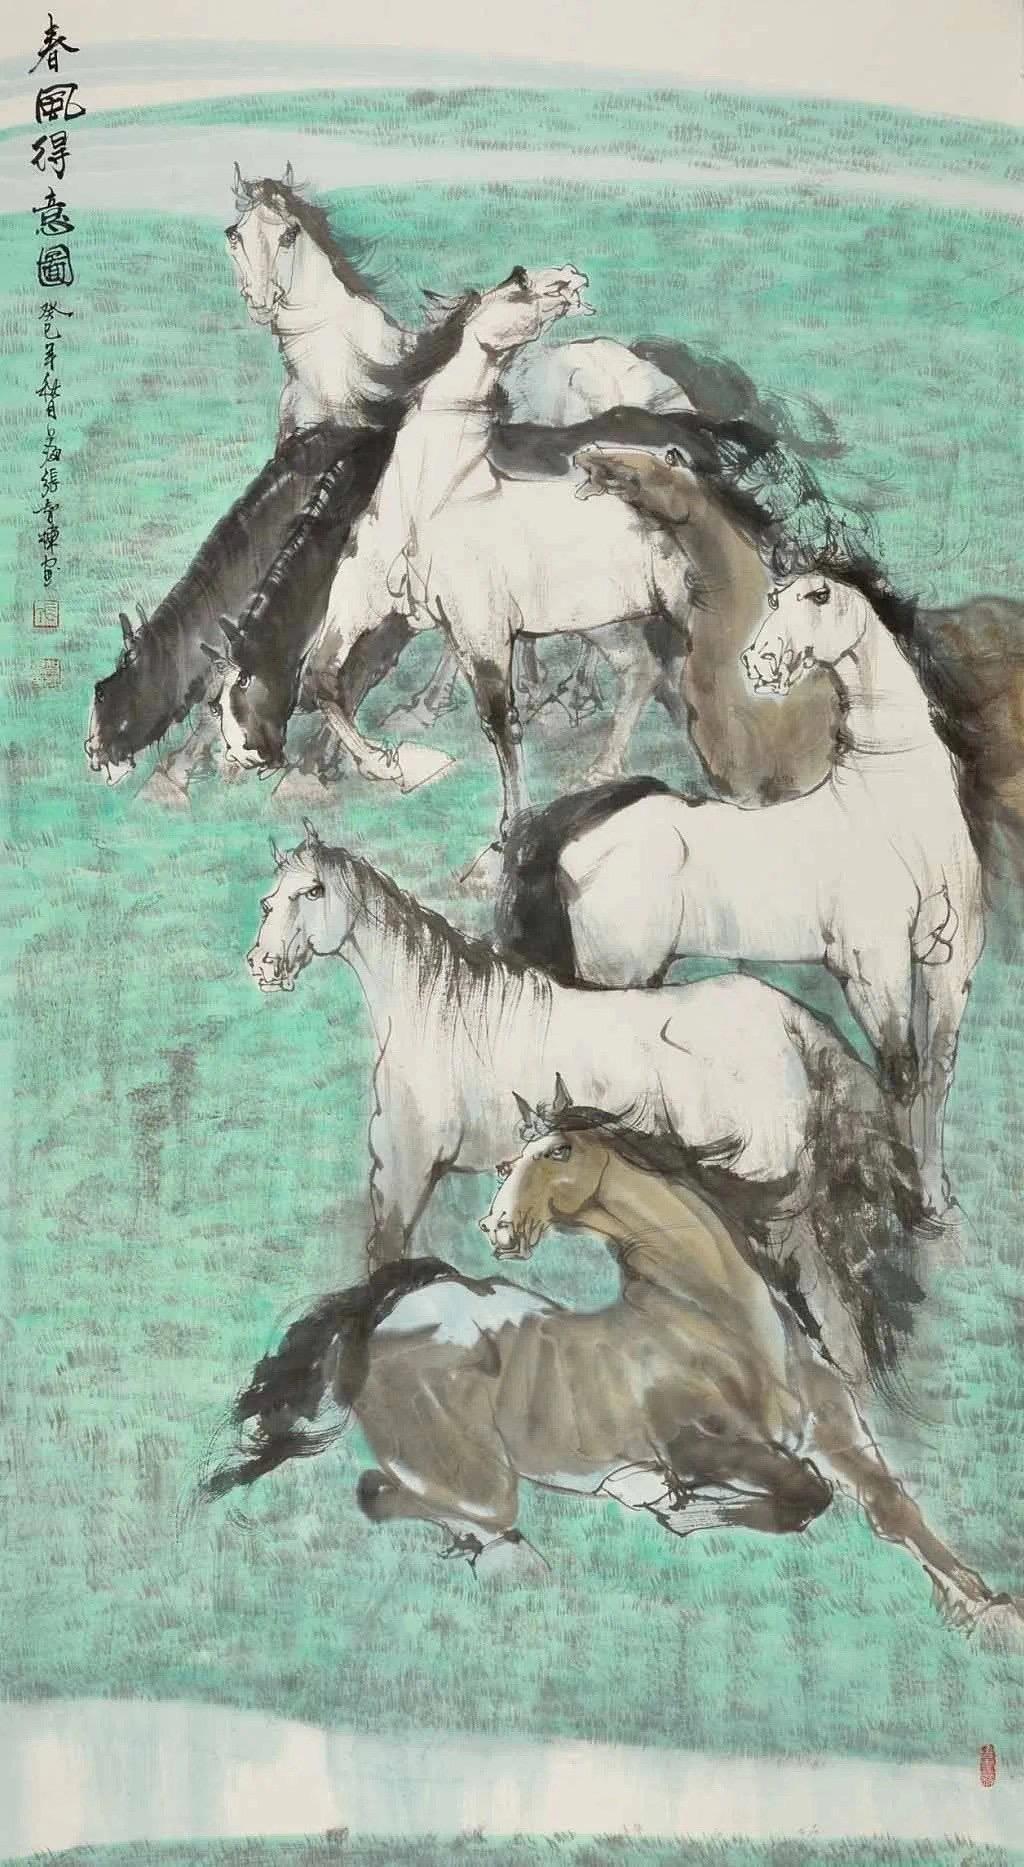 张智棟中国画作品收藏推荐 作品名称:《春风得意圖》  